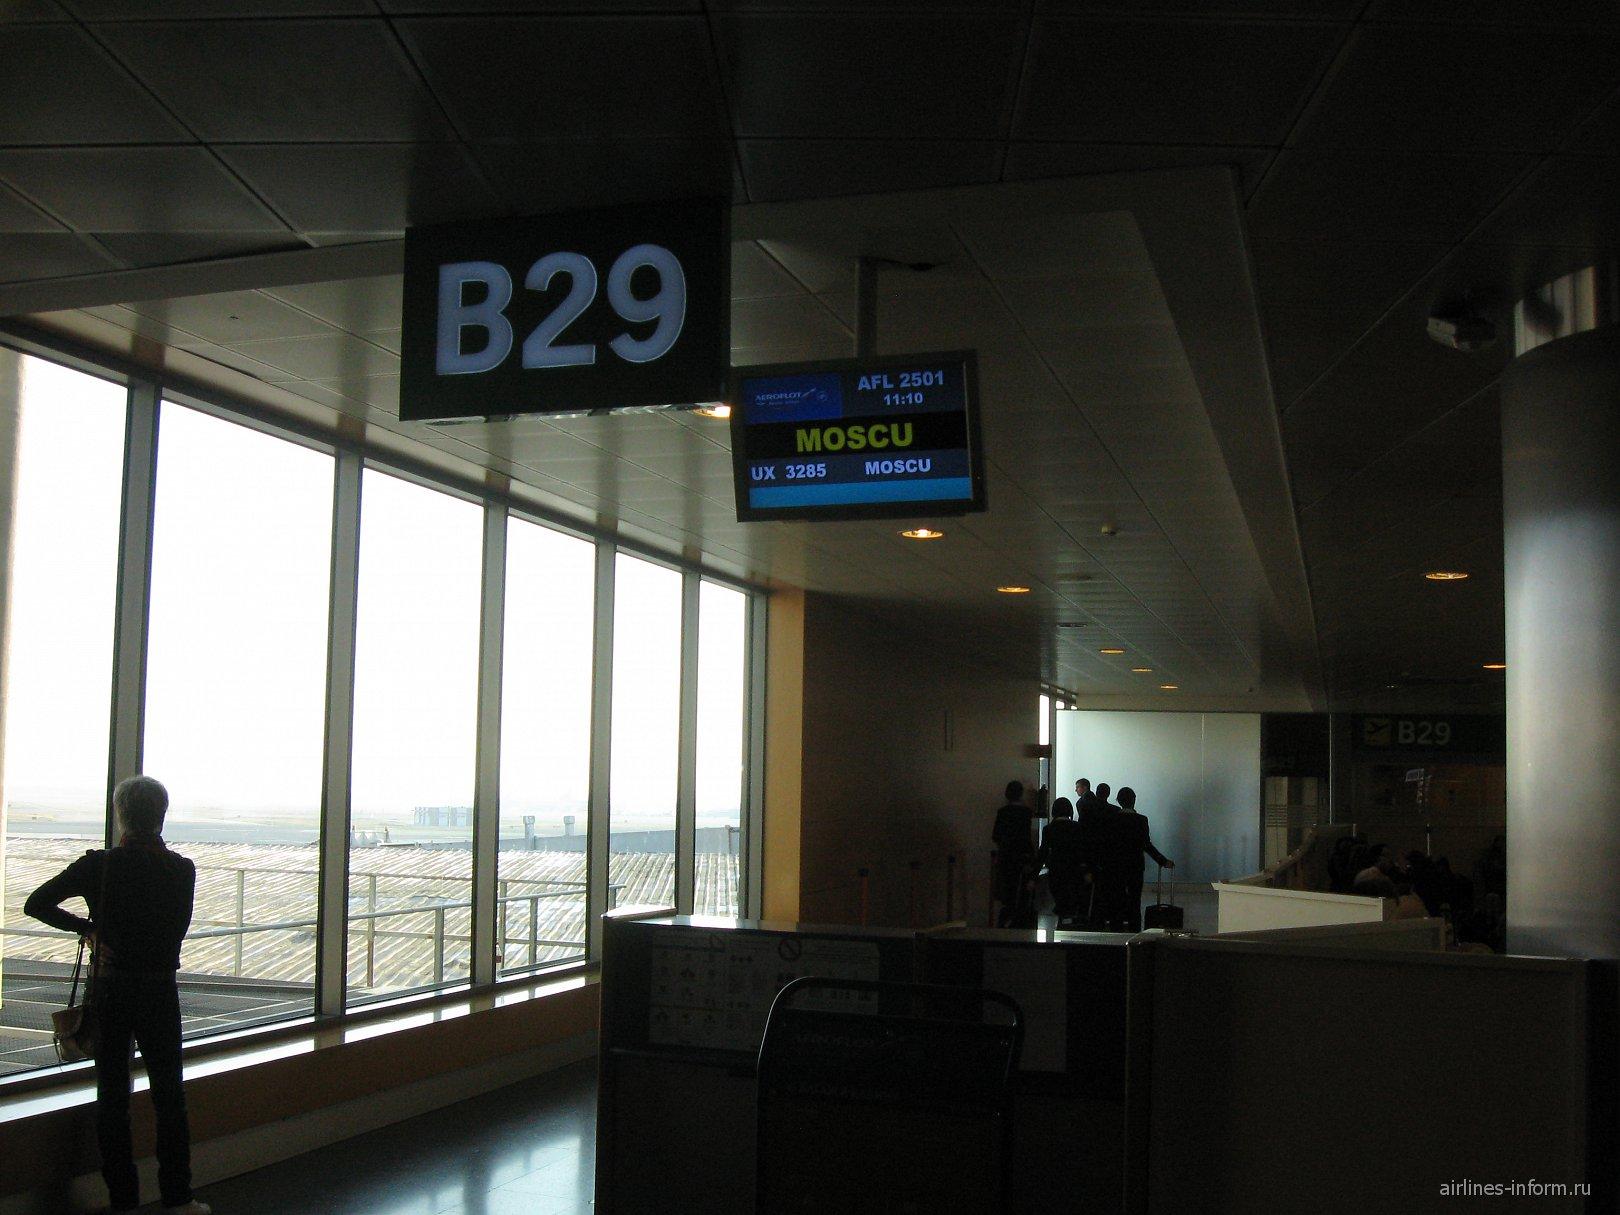 Выход на посадку B29